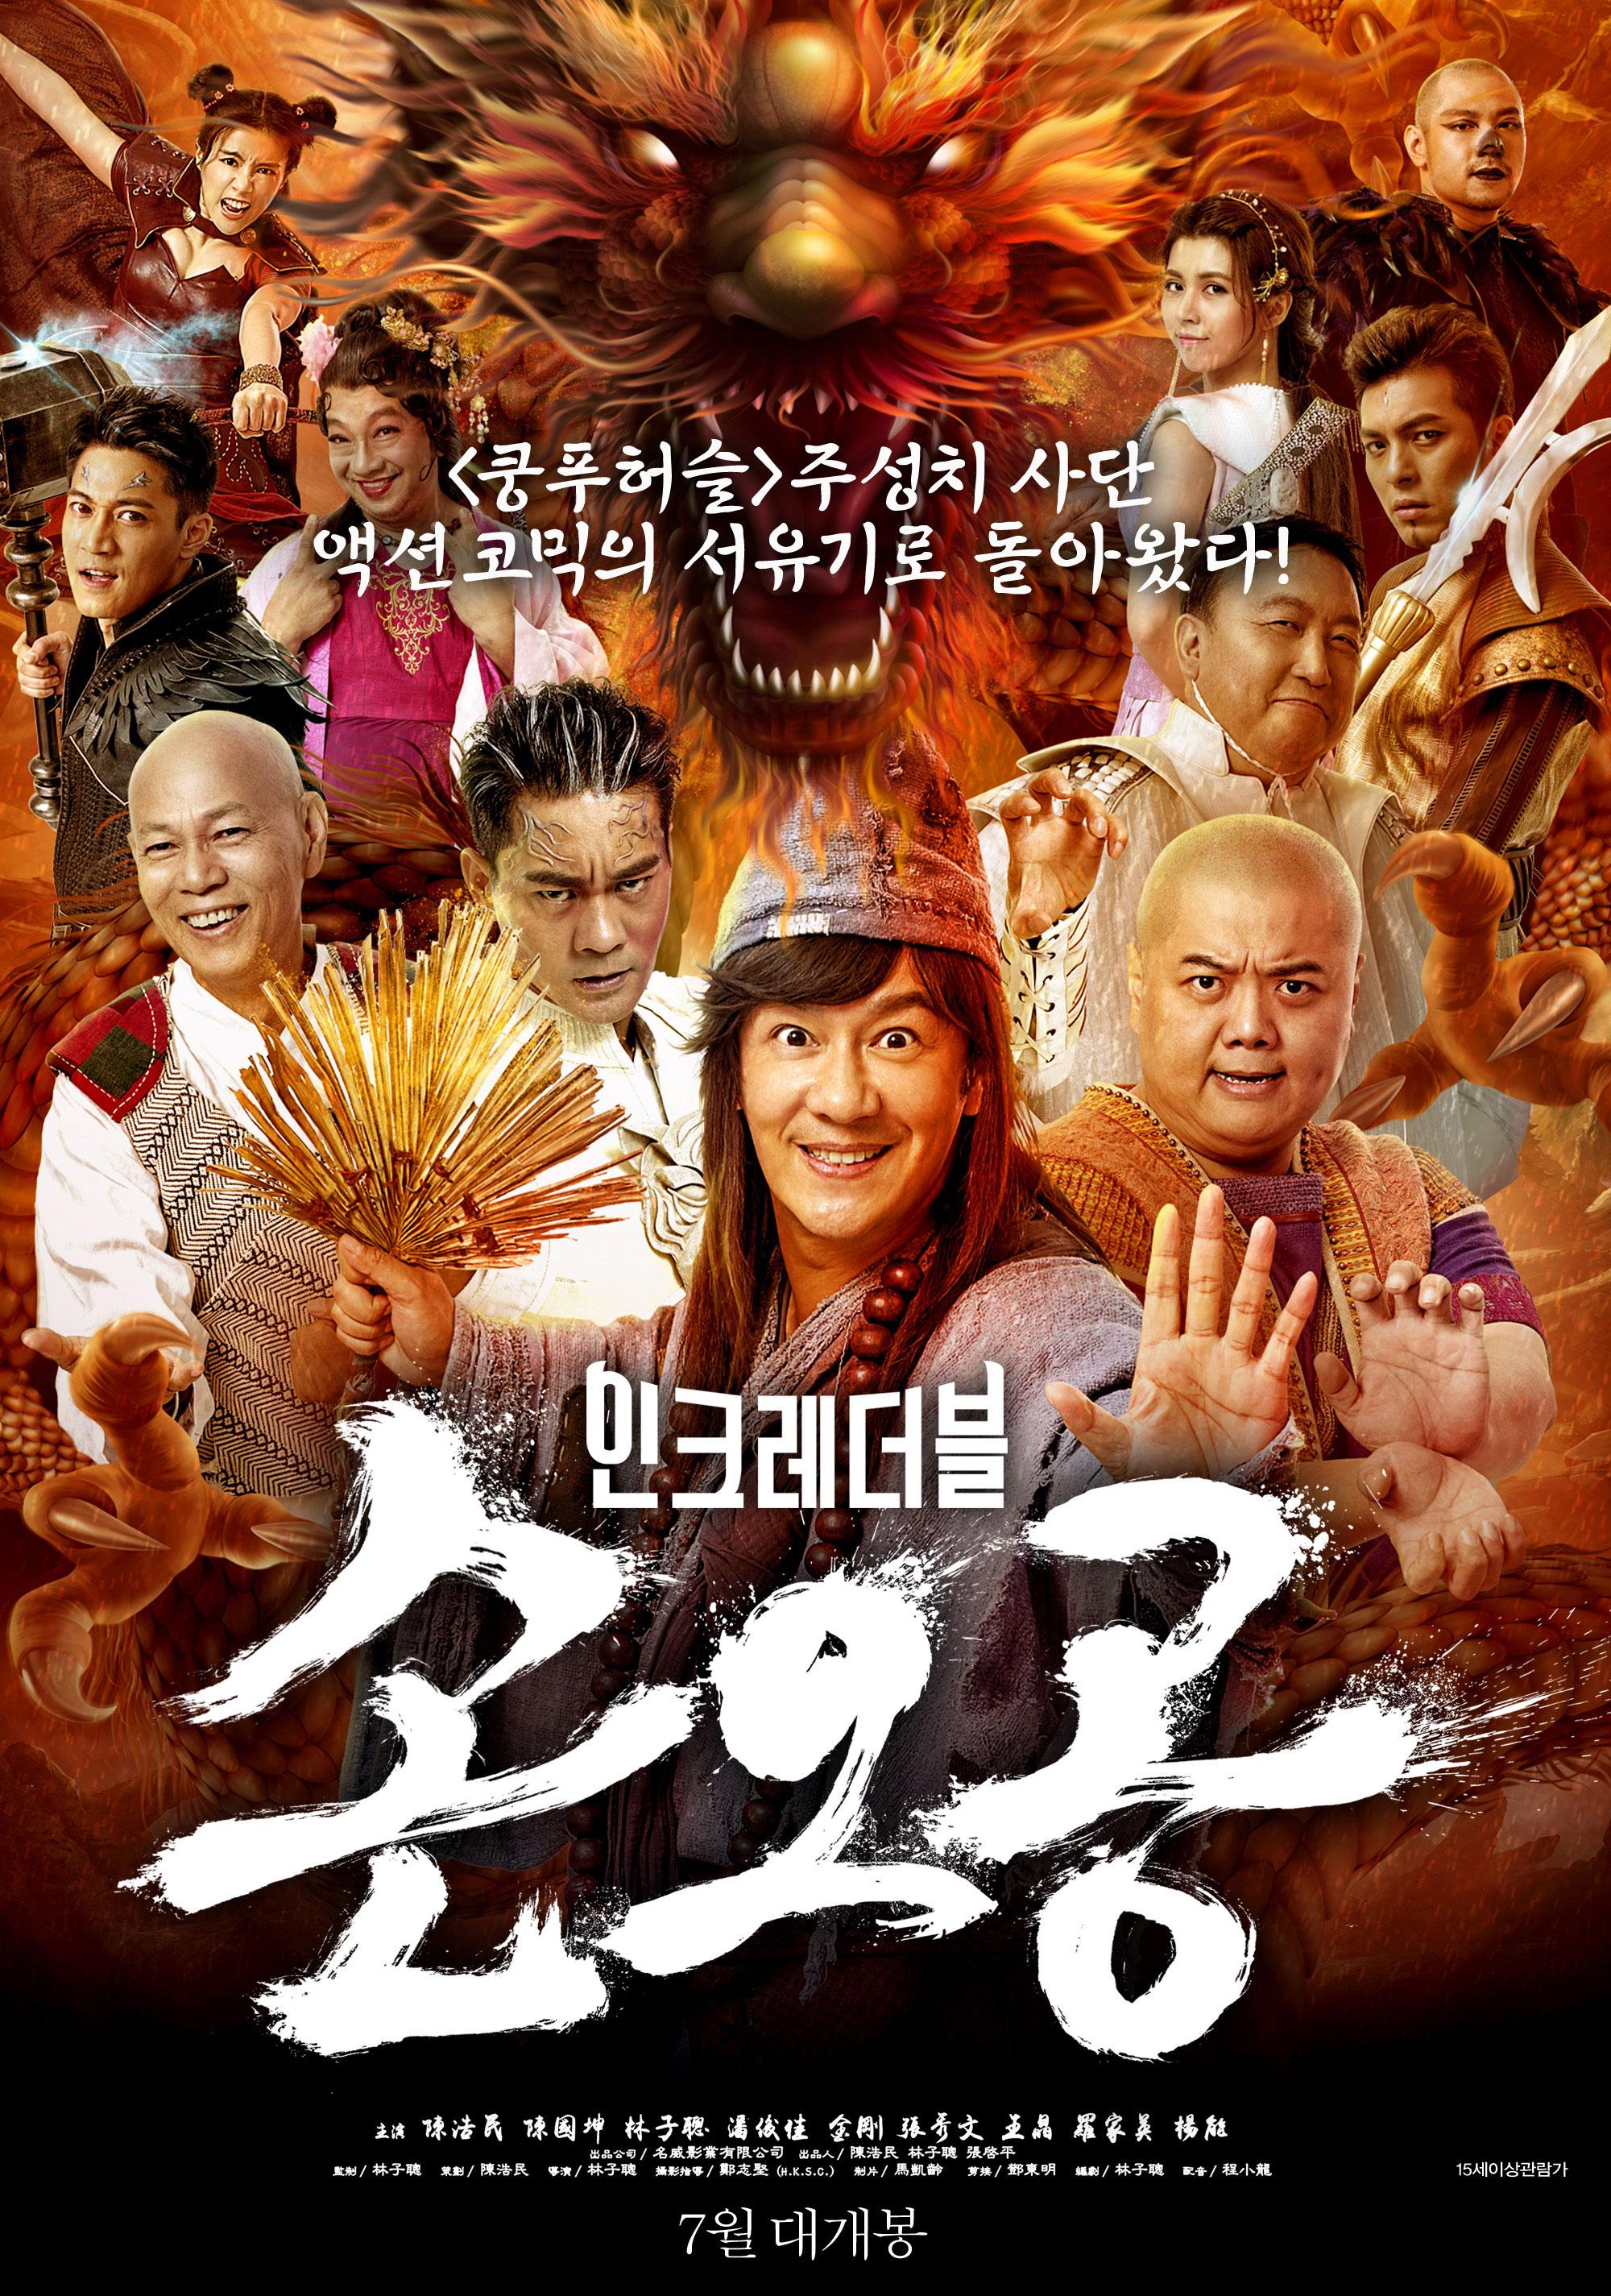 인크레더블 손오공 (The Incredible Monk, 2018) 영화 다시보기